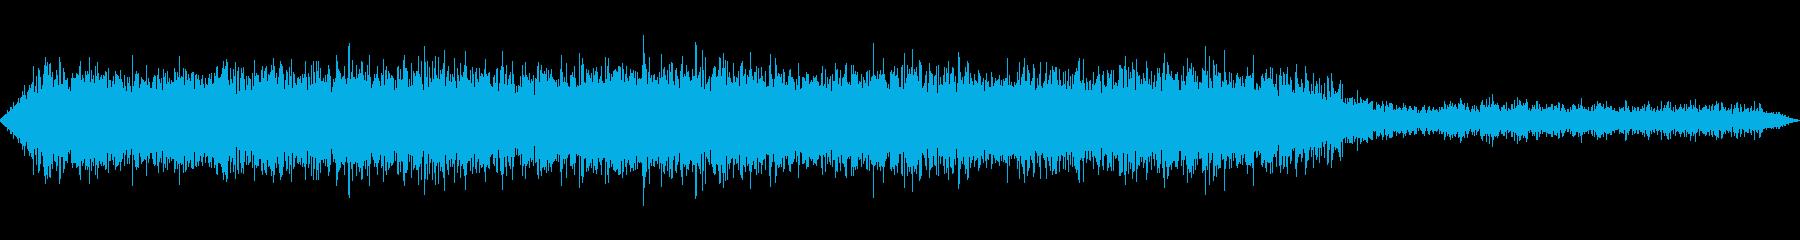 工事現場の音(ボーリング)の再生済みの波形